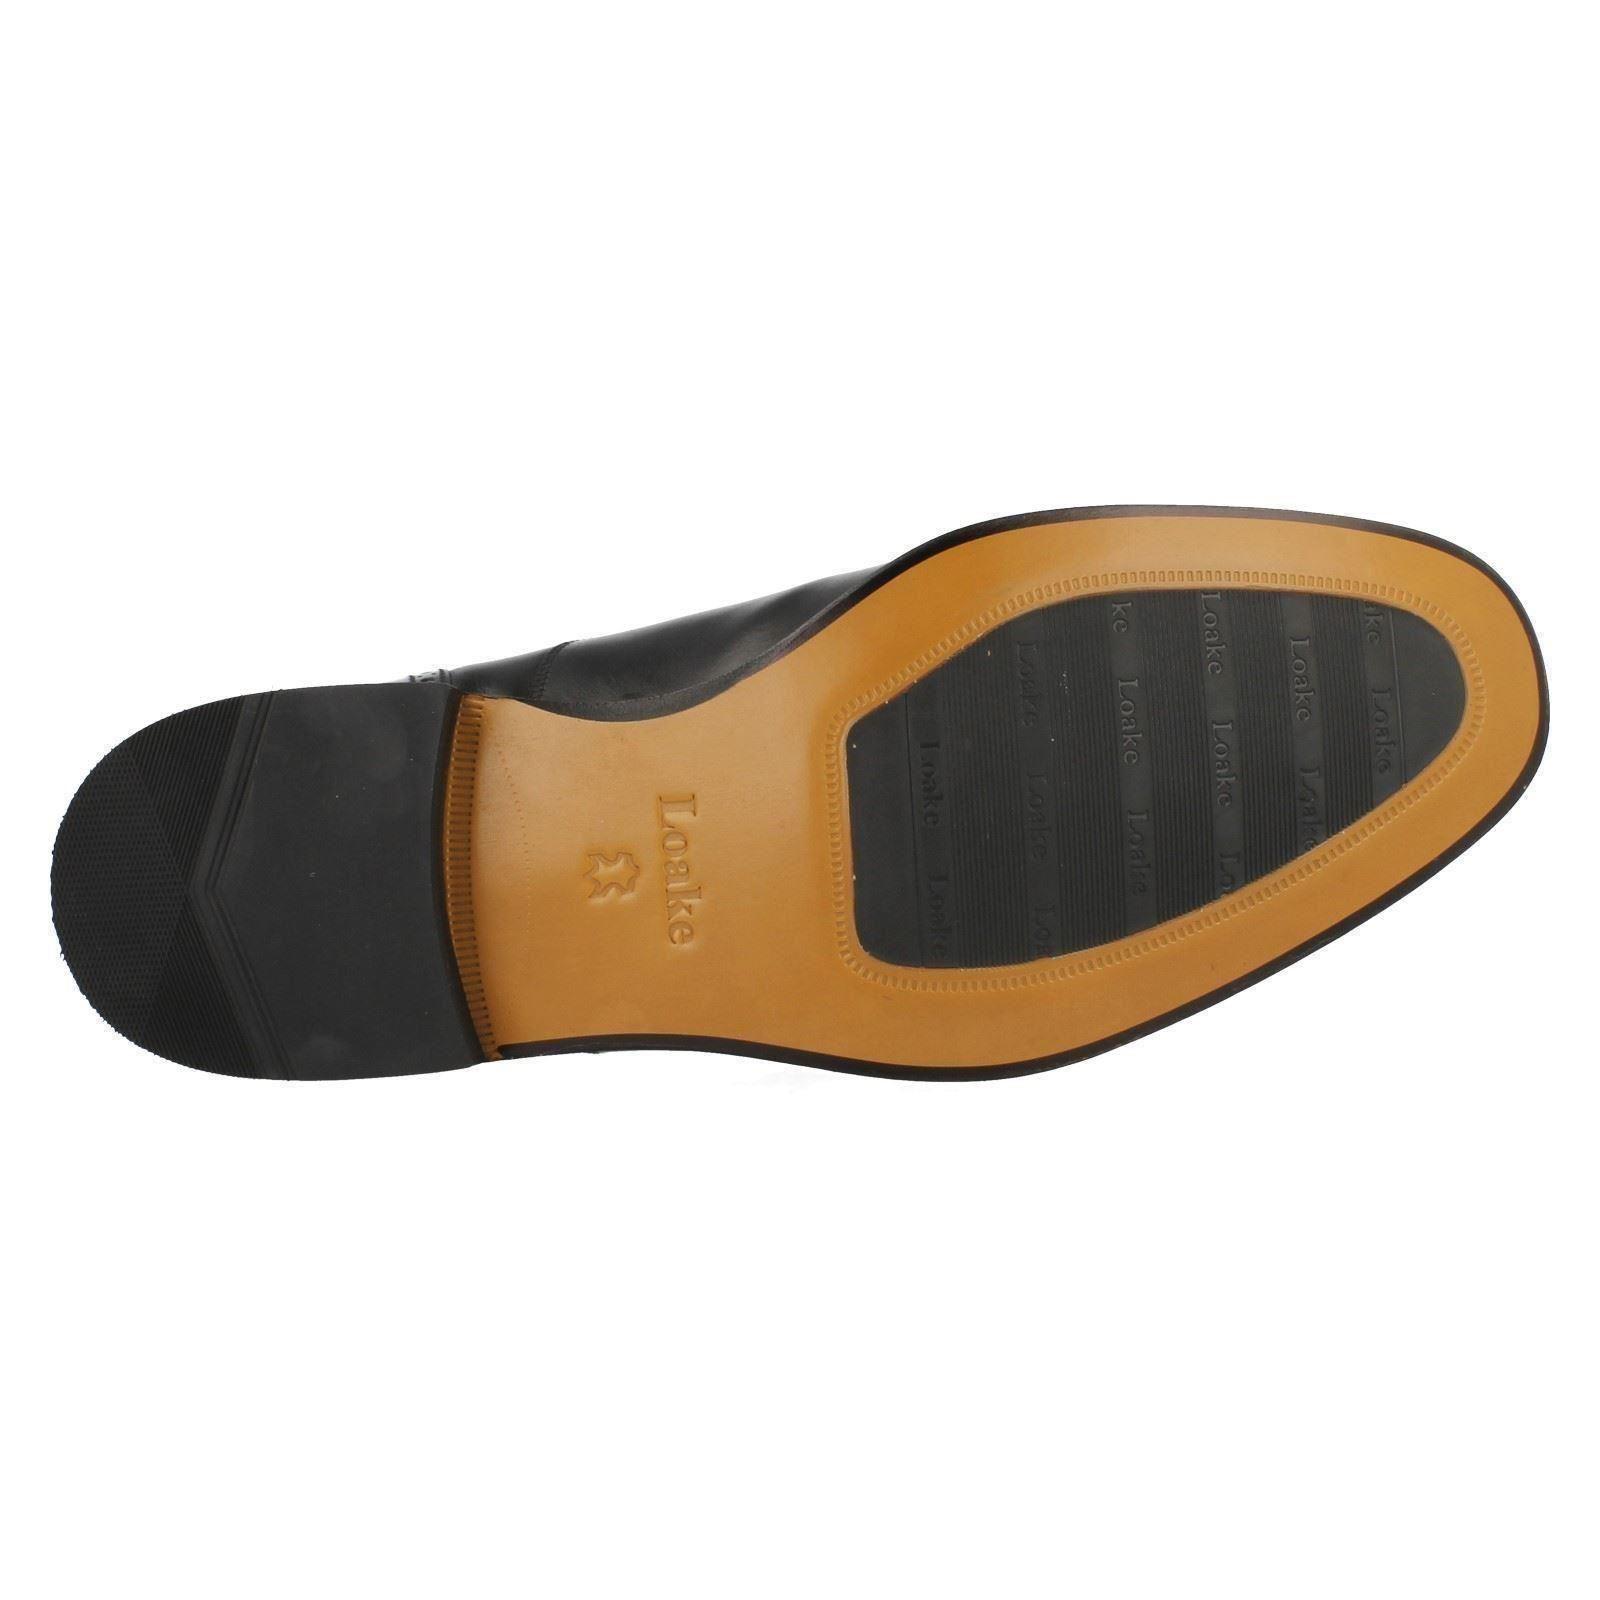 Uomo Schuhes Loake Leder Lace Up Schuhes Uomo Woodstock 2c4b74